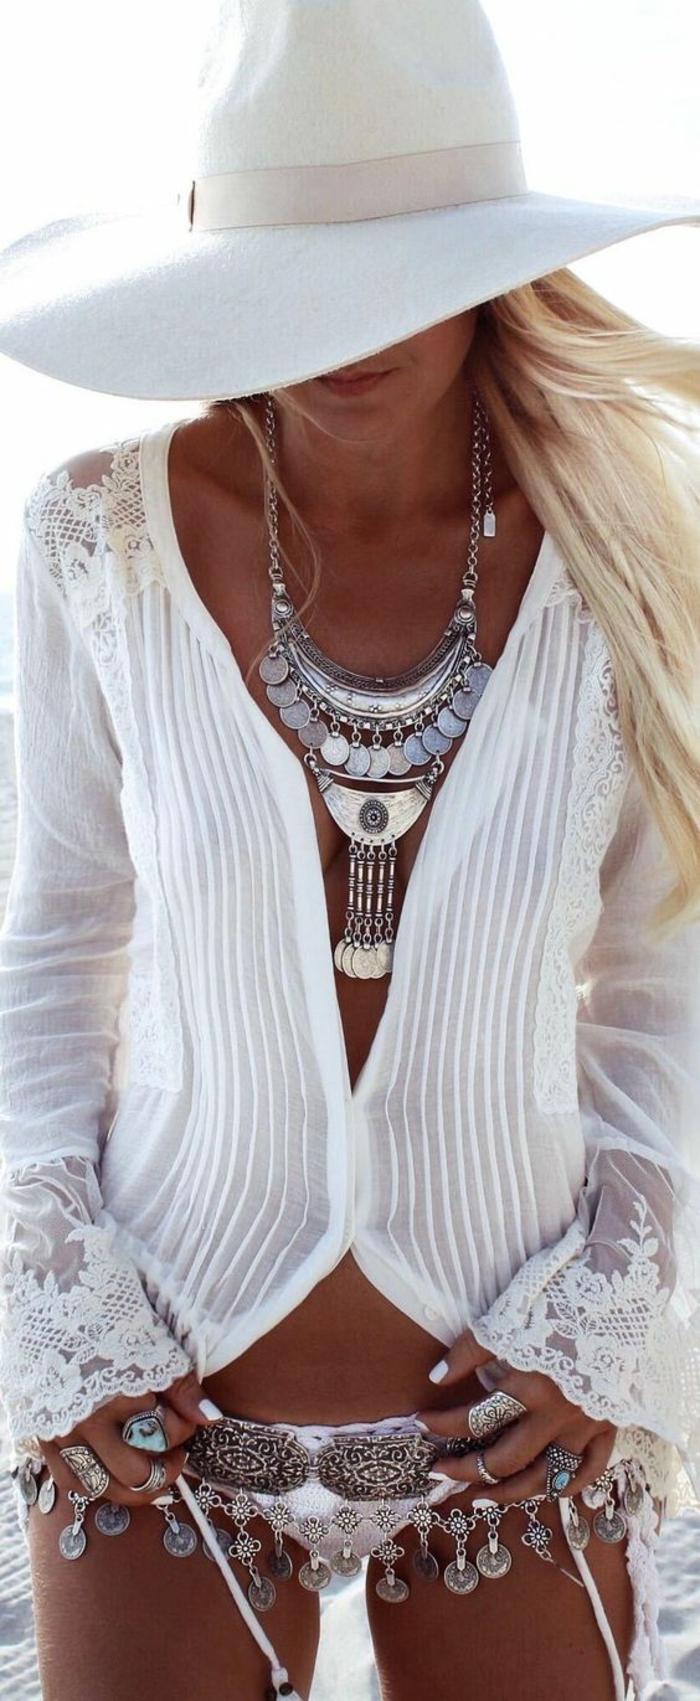 chemisier dentelle femme pour l'été aux manches évasées en dentelle transparente épaules sublimées